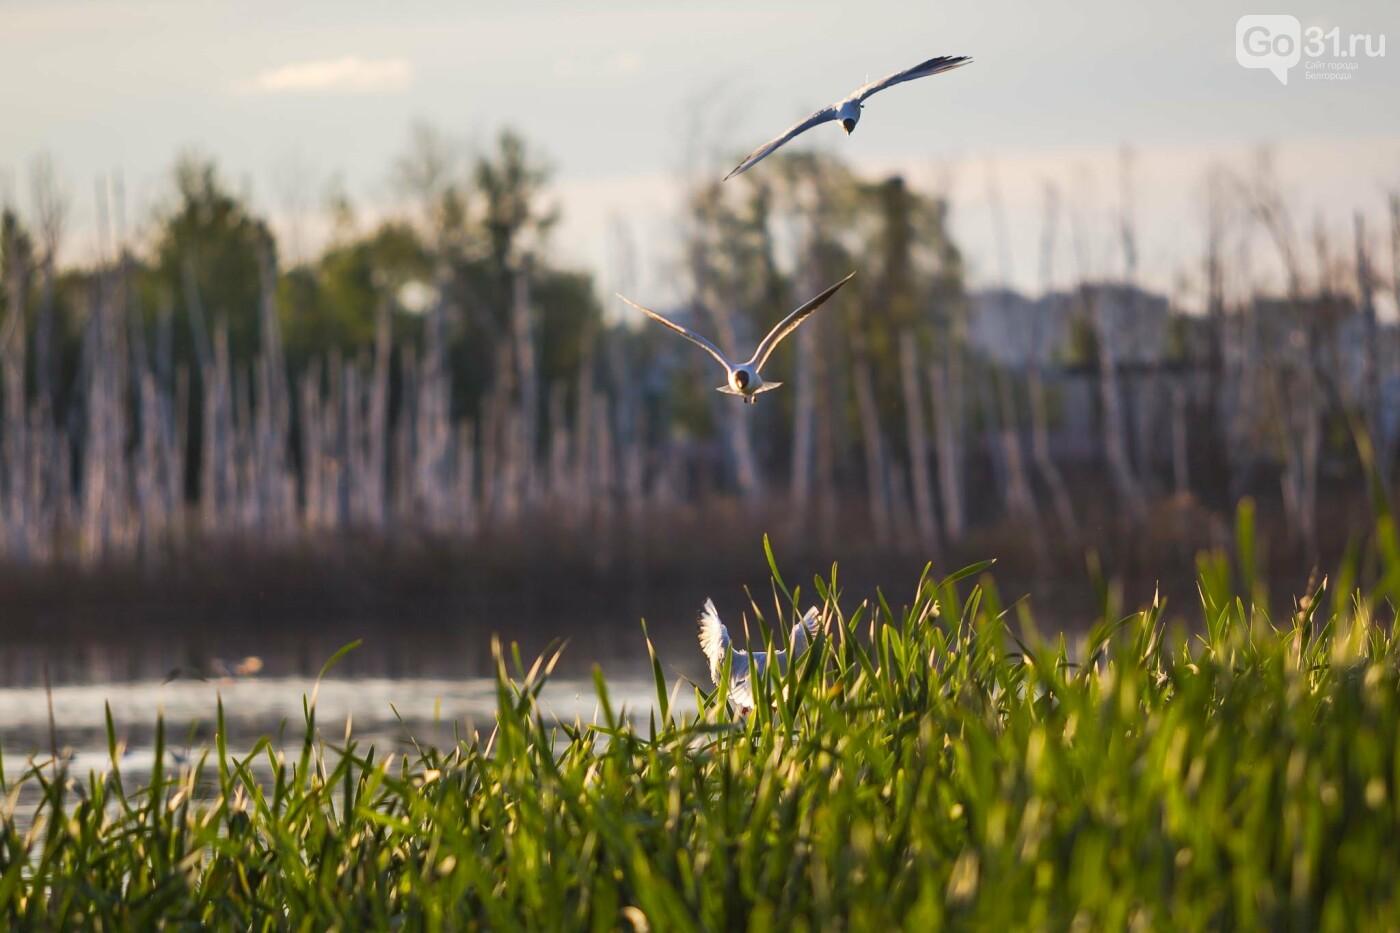 Пролетая над озером. В Белгороде чайки выбрали удобное место обитания, фото-8, Фото: Антон Вергун